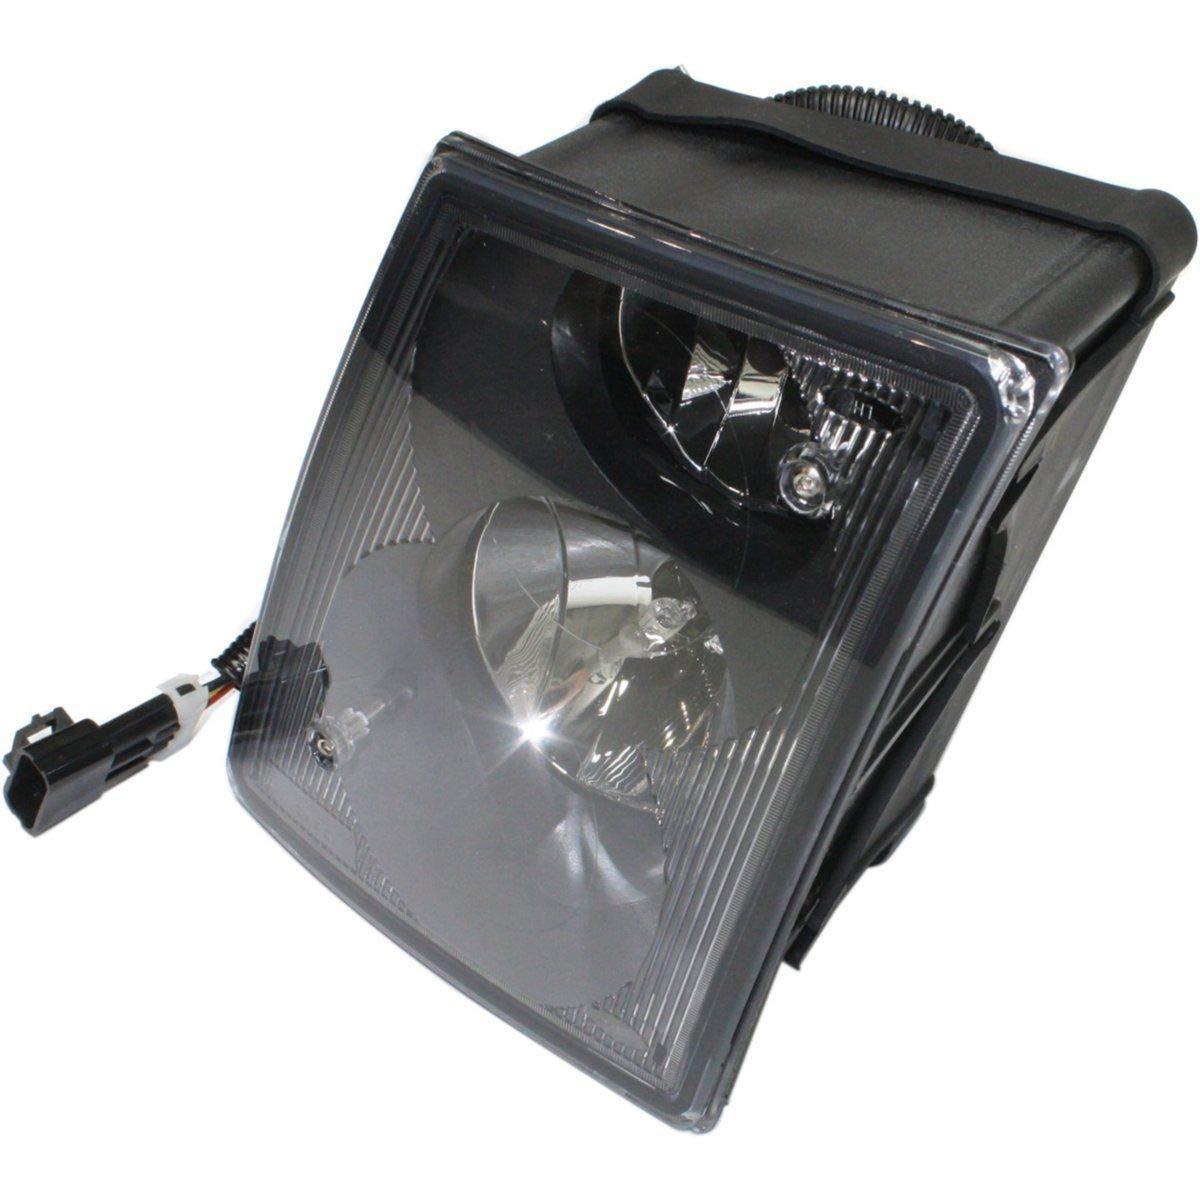 Clear Lens Fog Light For 2003-11 Volvo VNL RH w// DRL//Non-Protruding Lens//Bulb